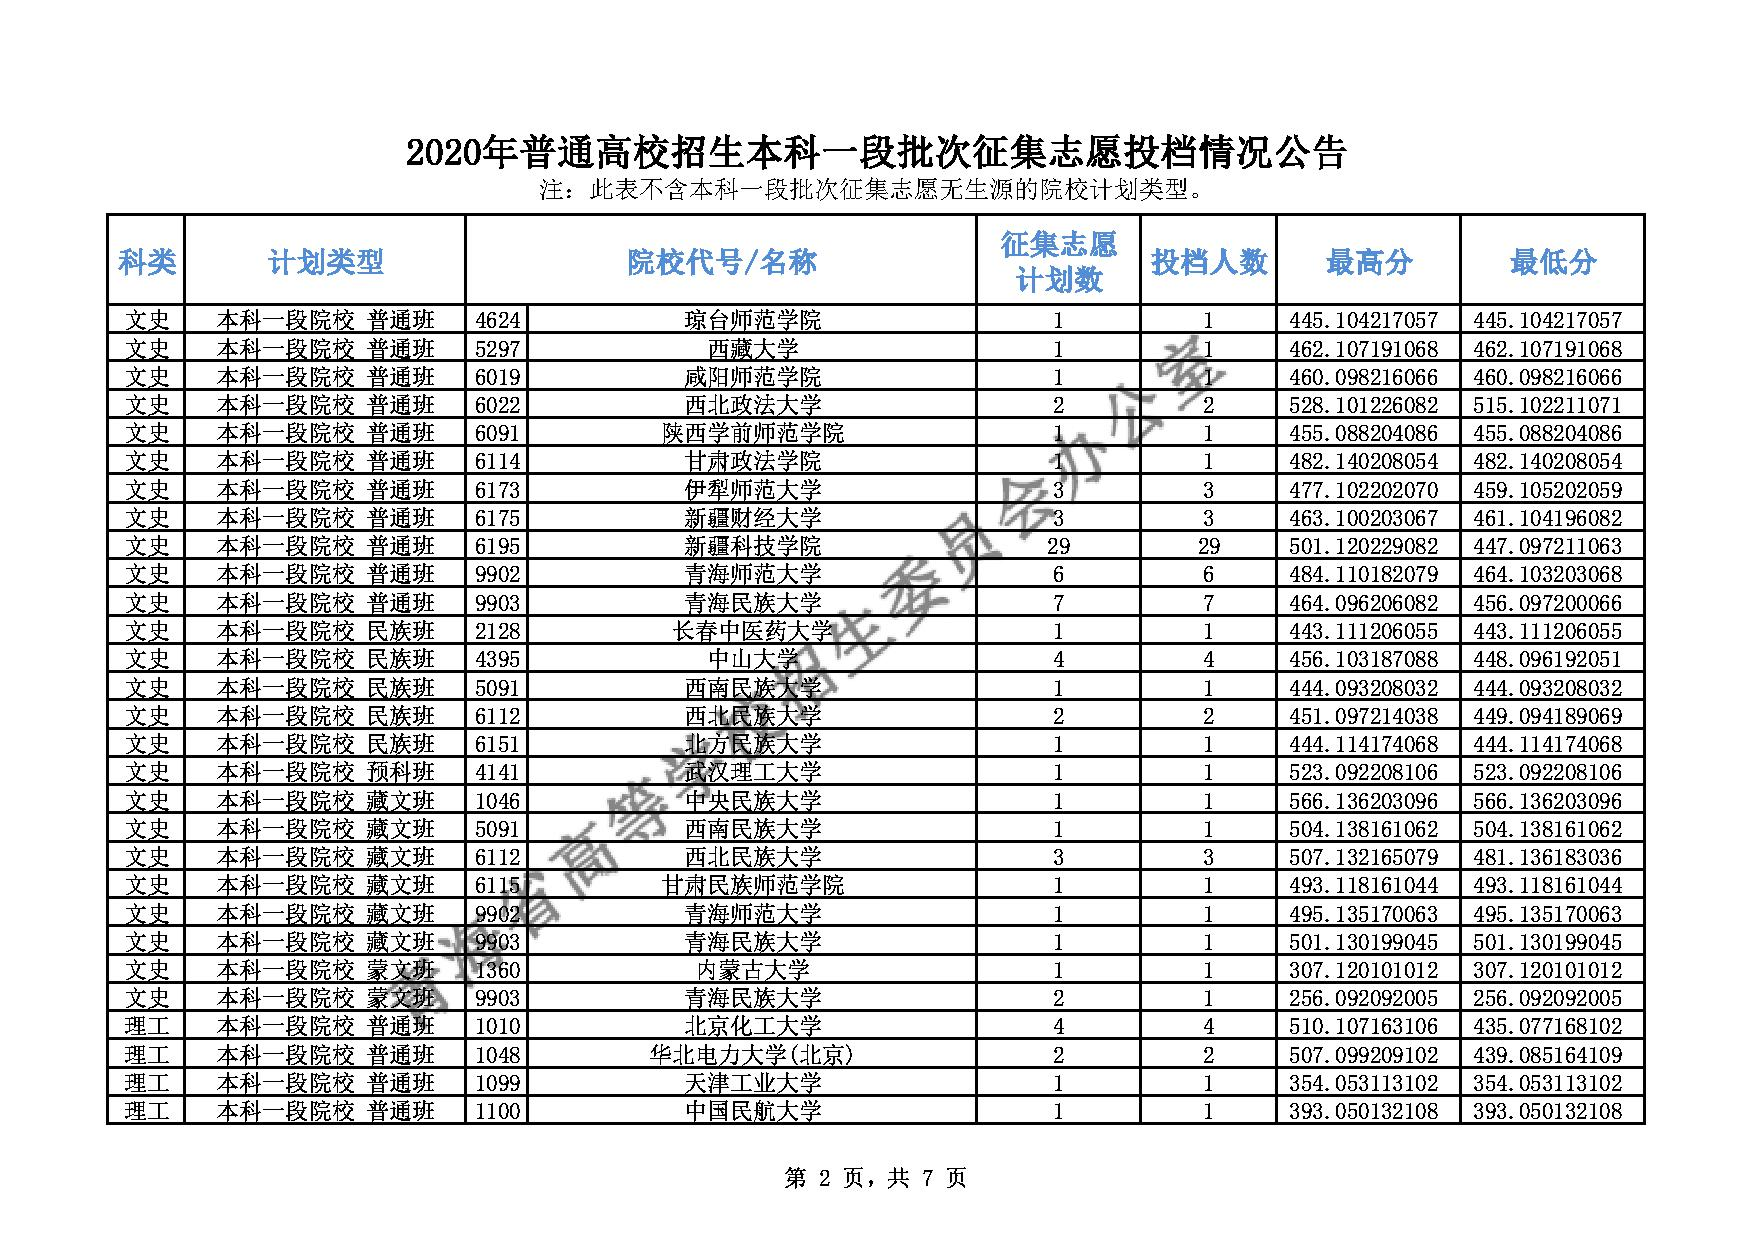 青海2020普通高校招生本科一段批次征集志愿投档情况公告图2